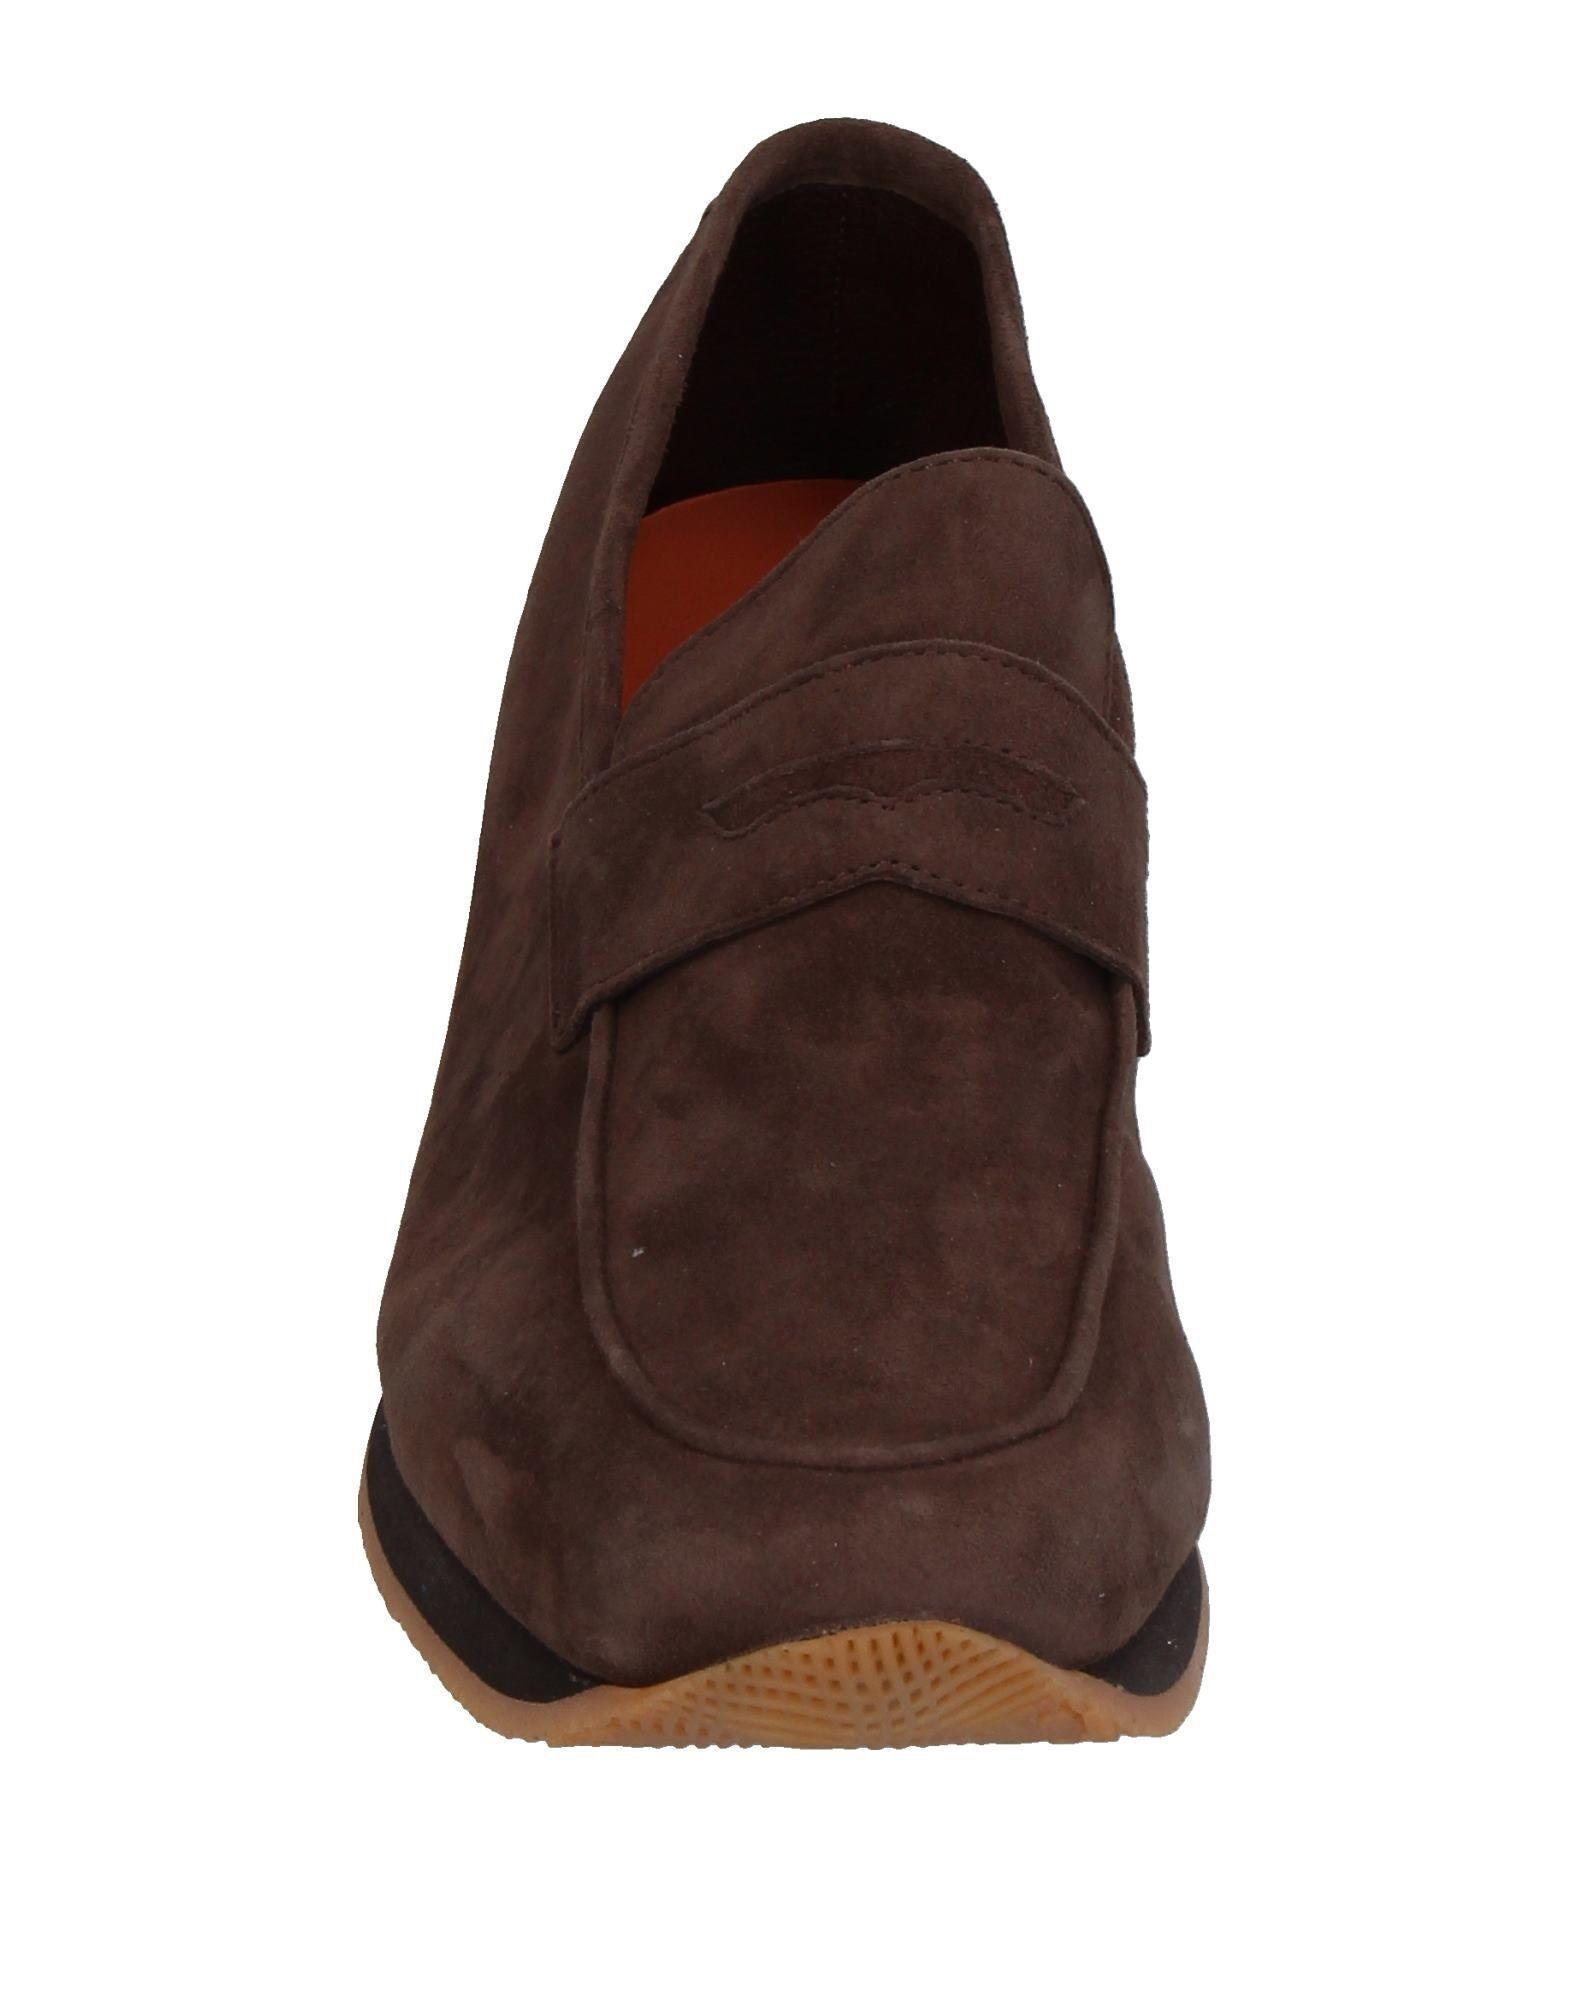 Andrea Ventura Ventura Andrea Firenze Mokassins Herren  11417997OJ Neue Schuhe 3b6986